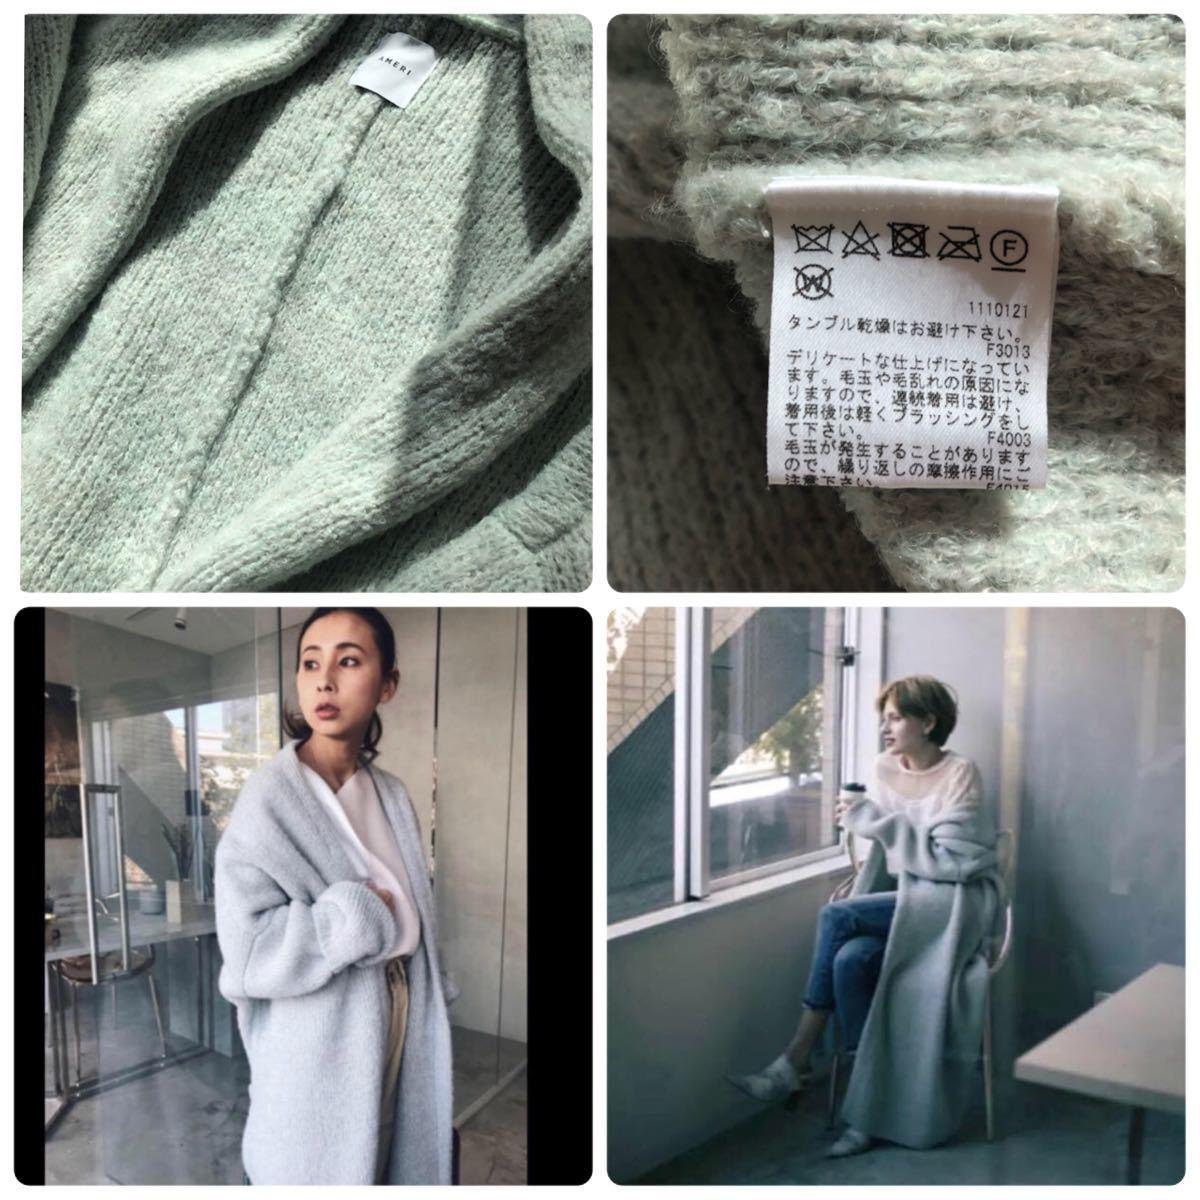 [美品] Ameri VINTAGE Amiri復古長款針織禮服開衫 編號:g294713938